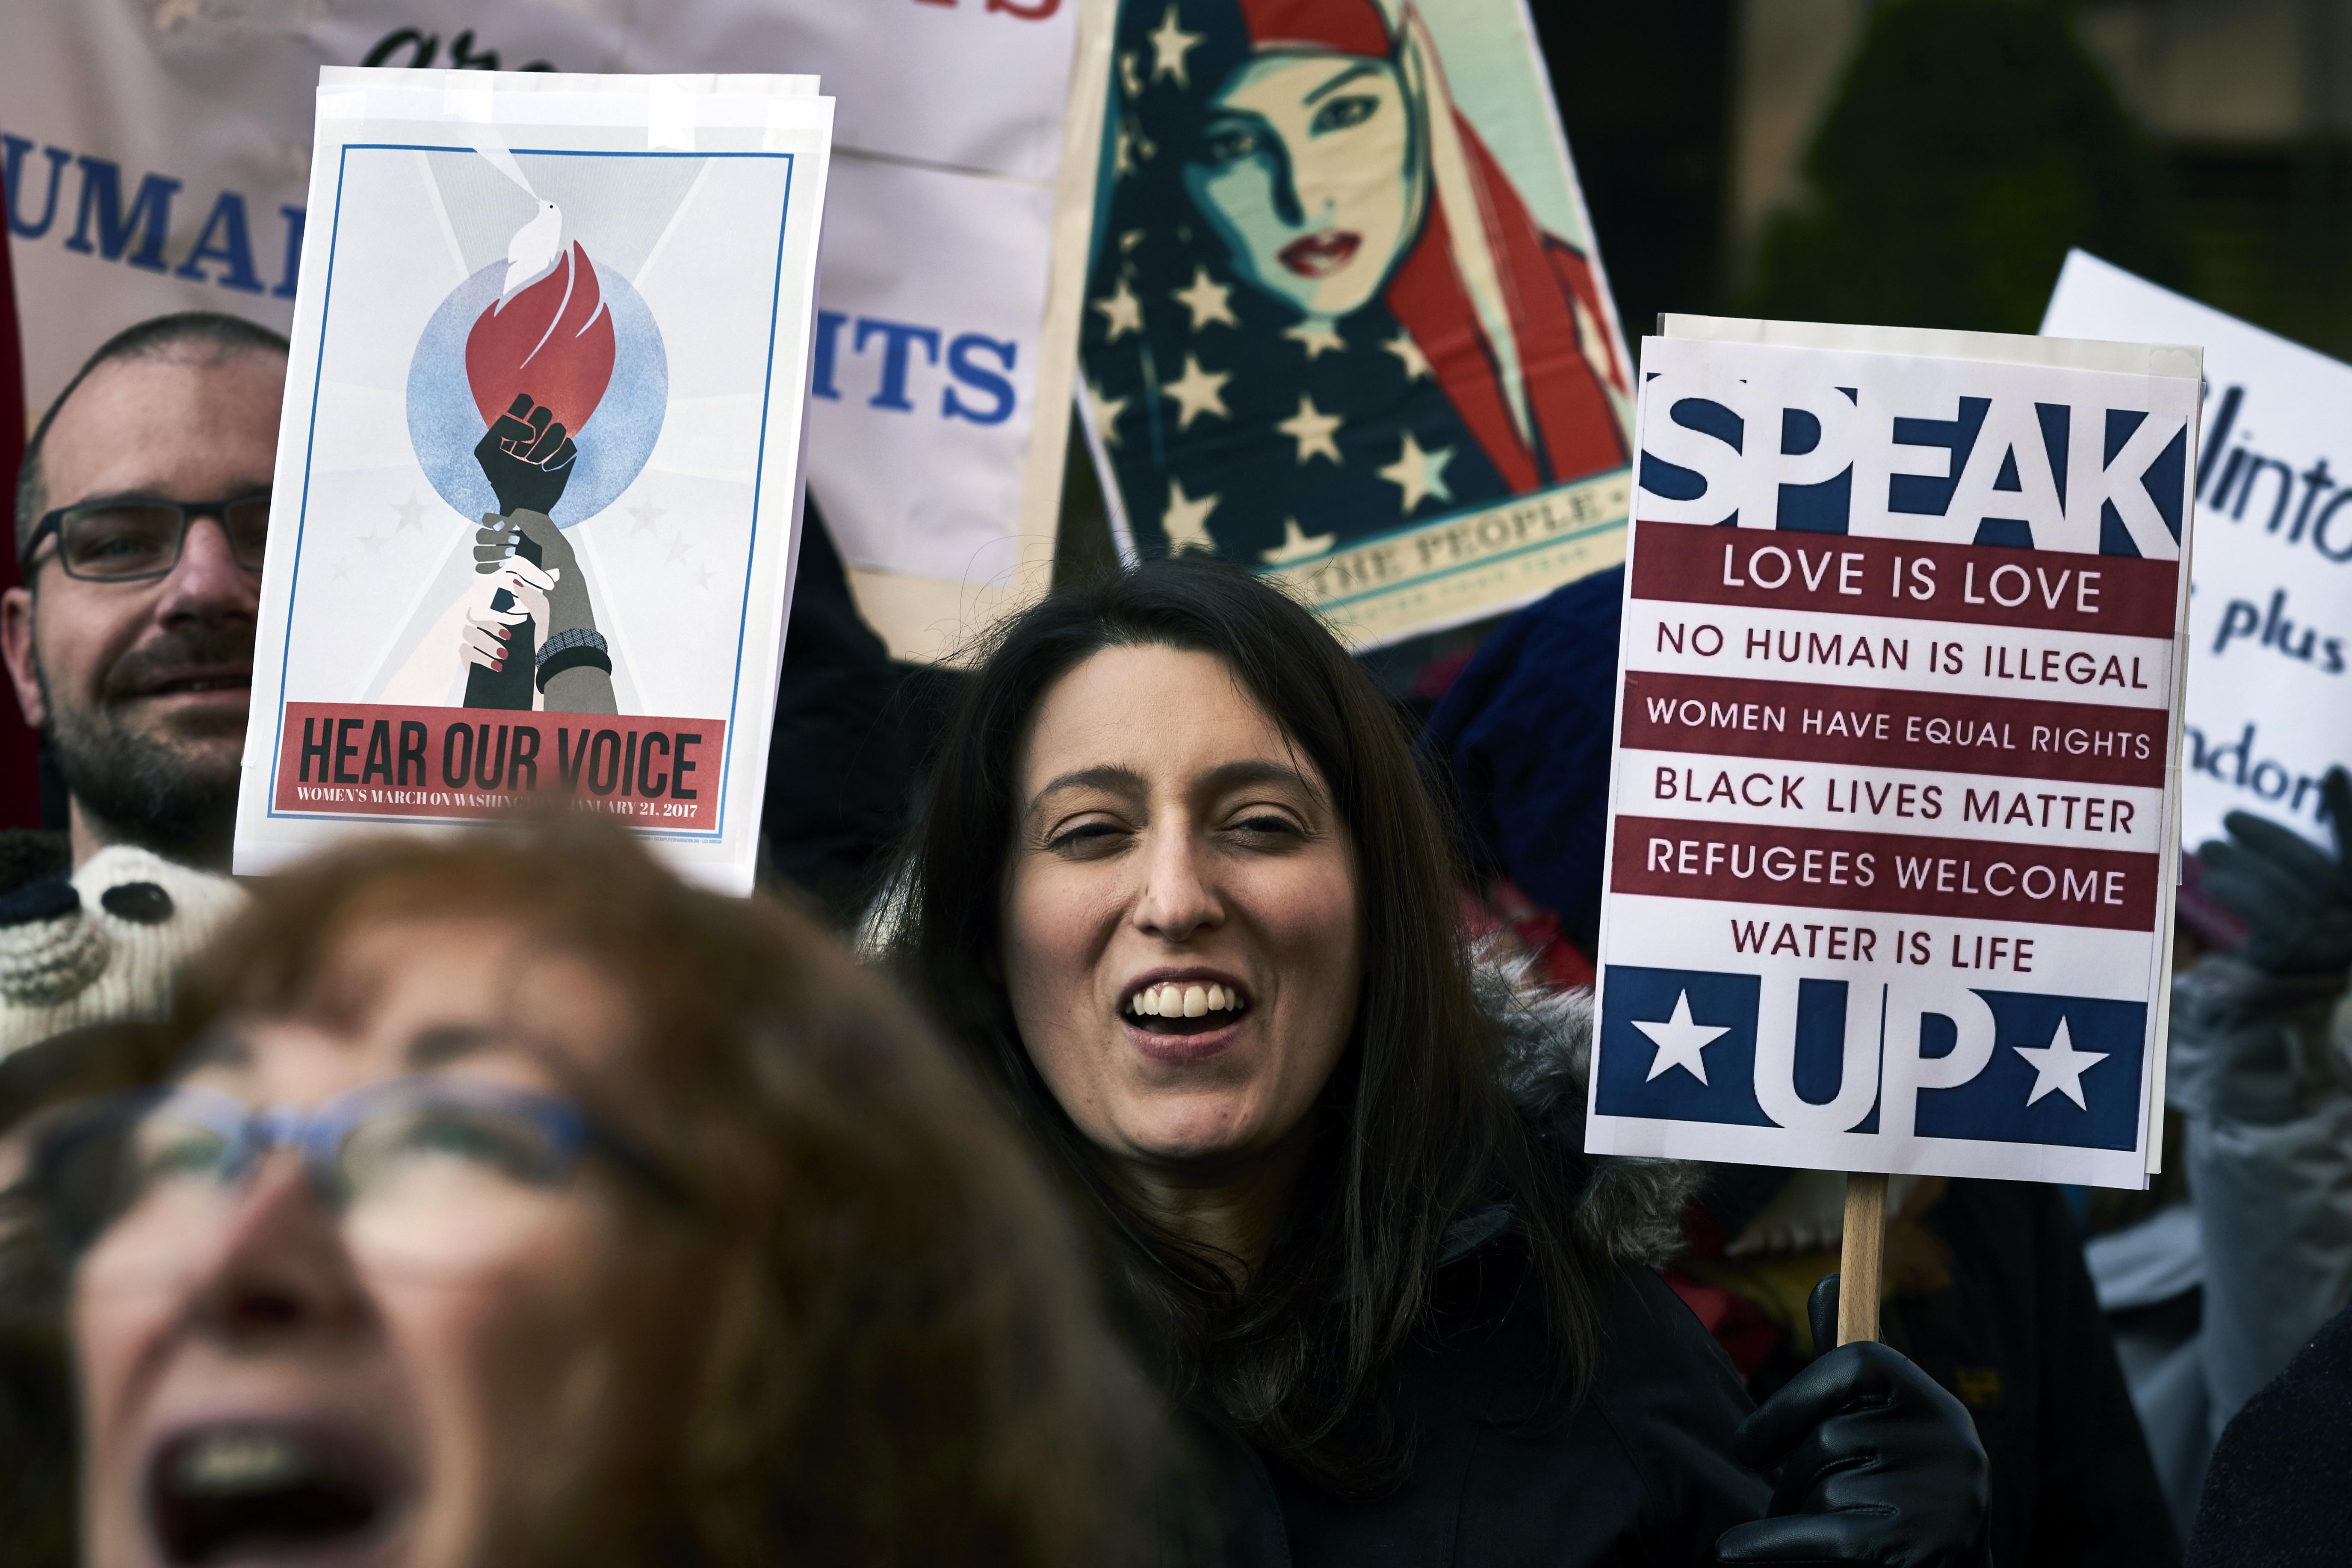 جانب من المظاهرة في واشنطن